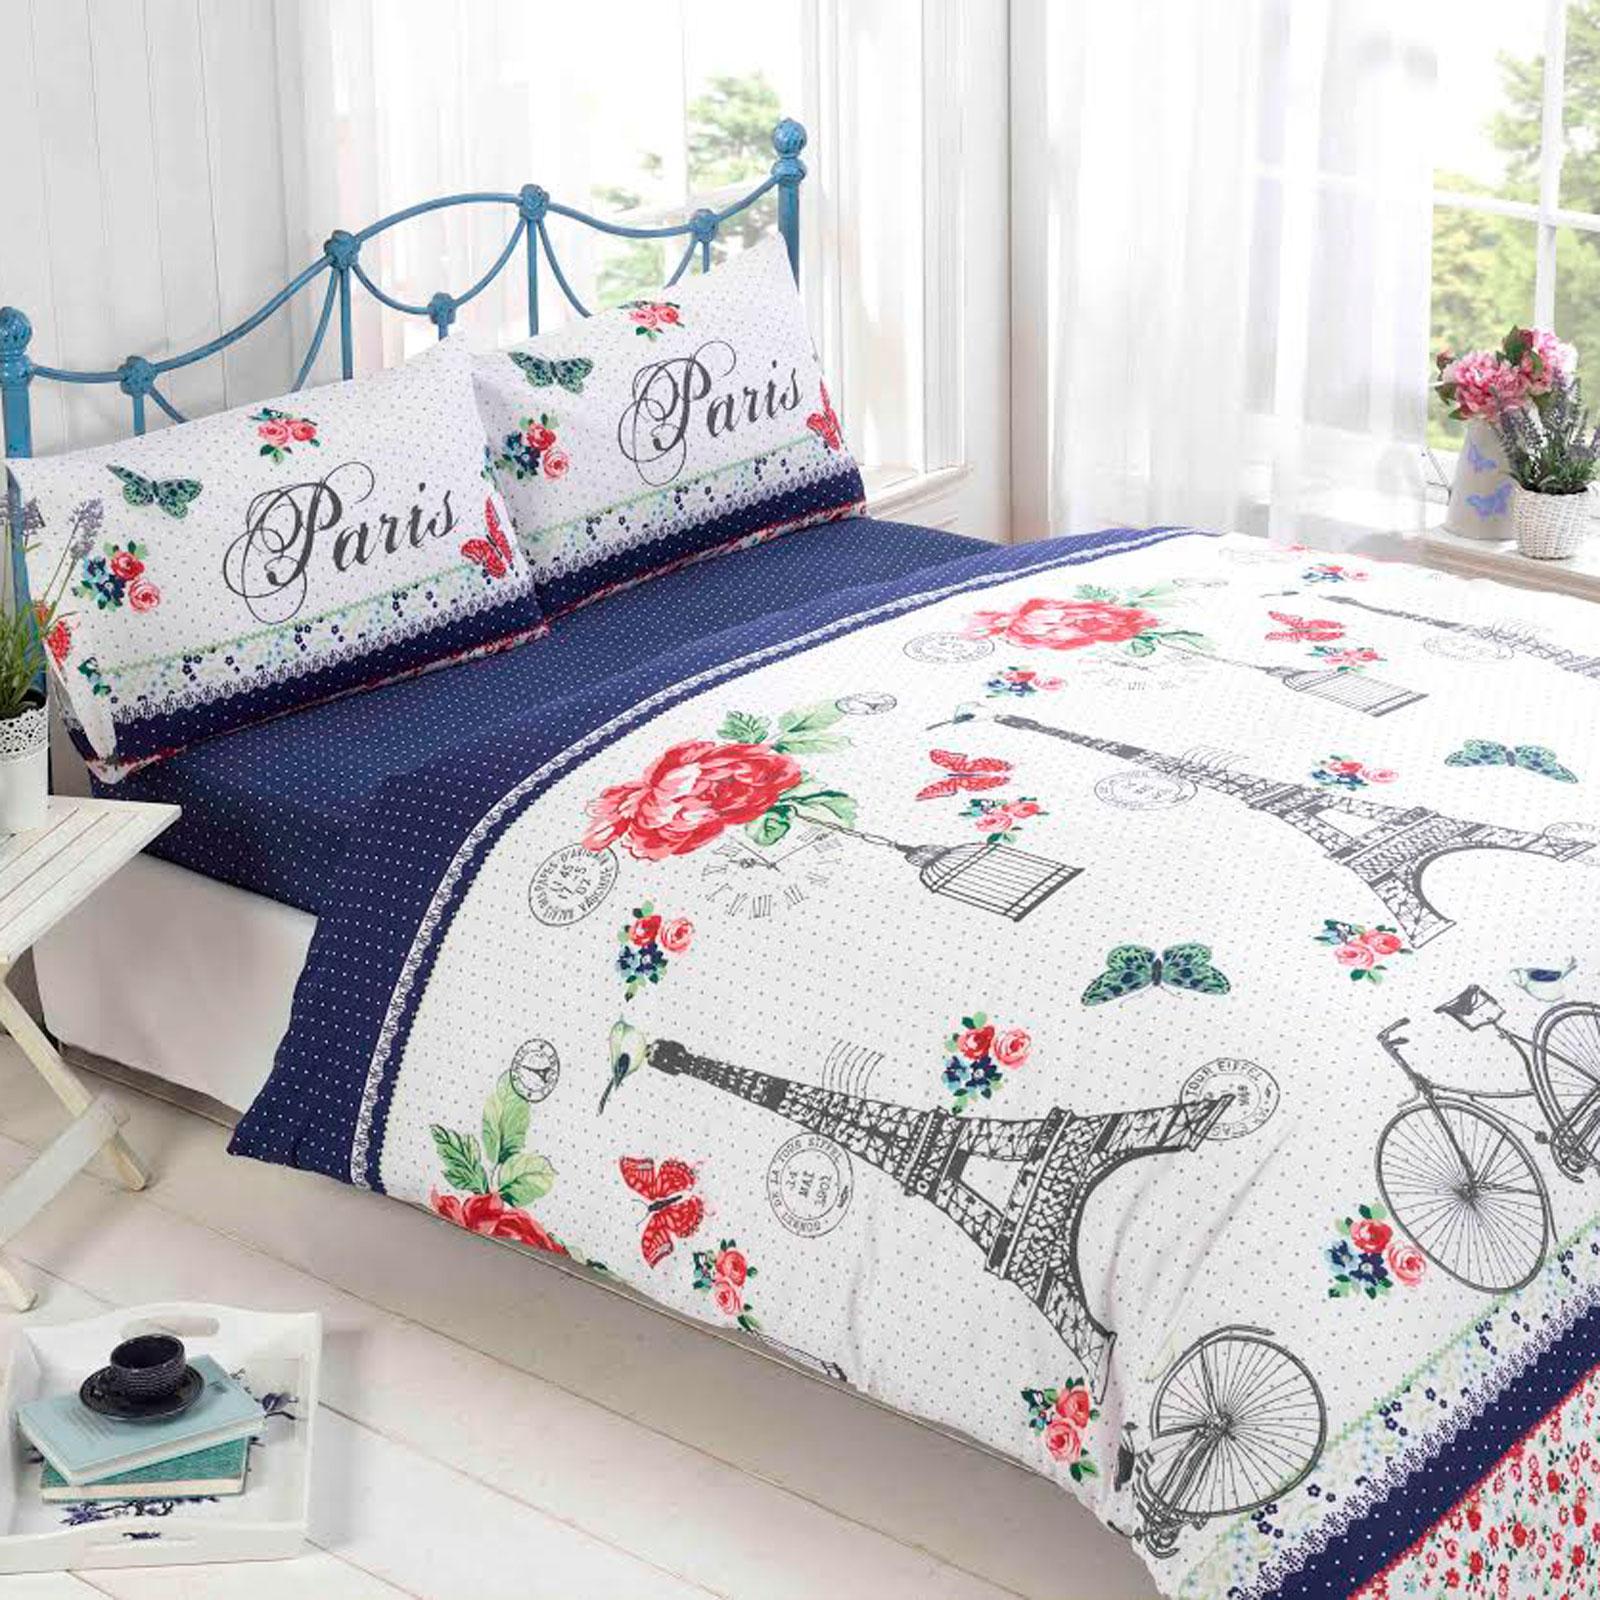 Unique Duvet Covers: Unique Paris Inspired Duvet Cover Bedding Set With